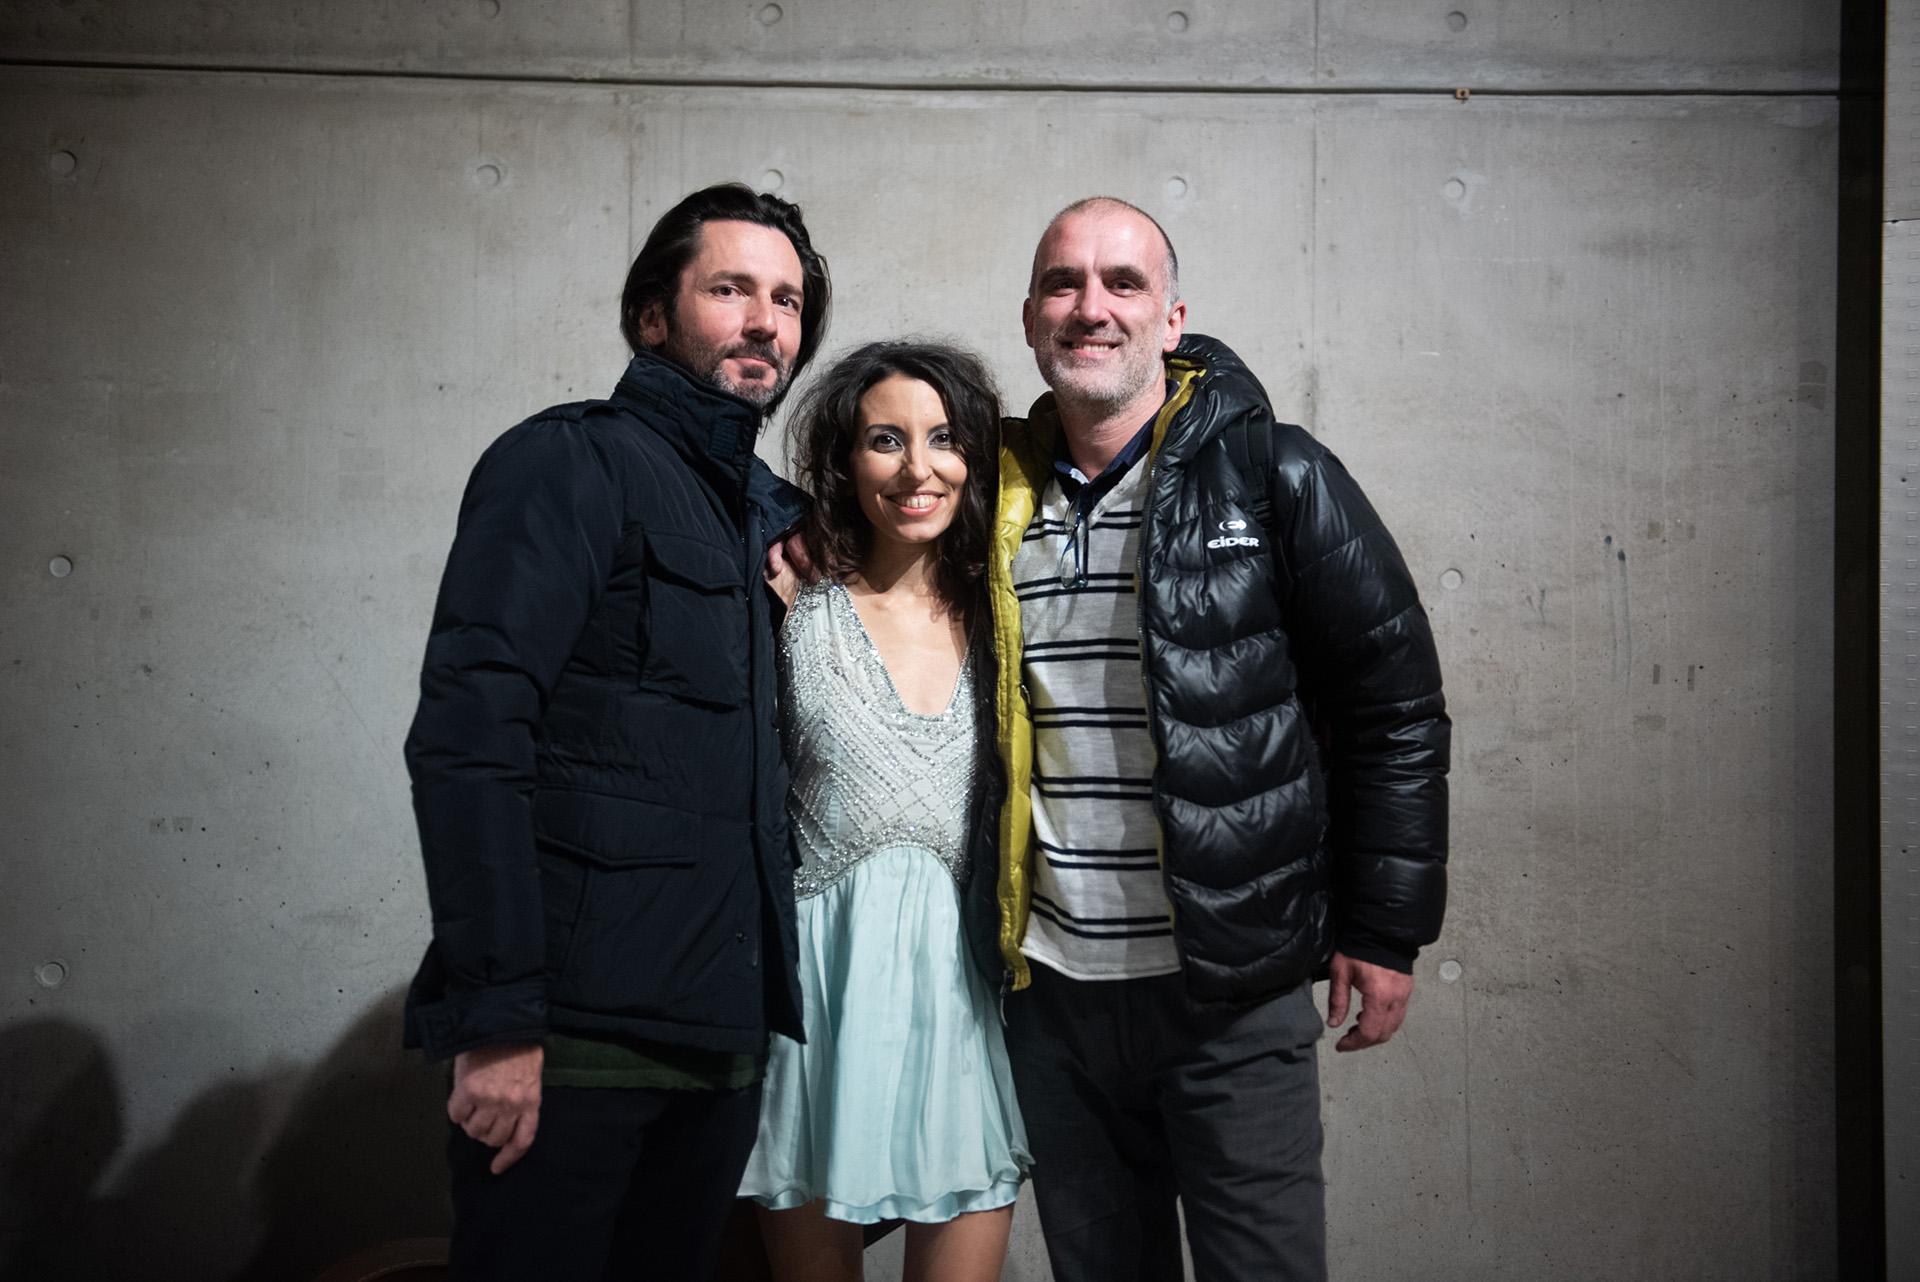 Sumaia con Eugenio Blanco y Francisco Ghelfi integrantes de la banda